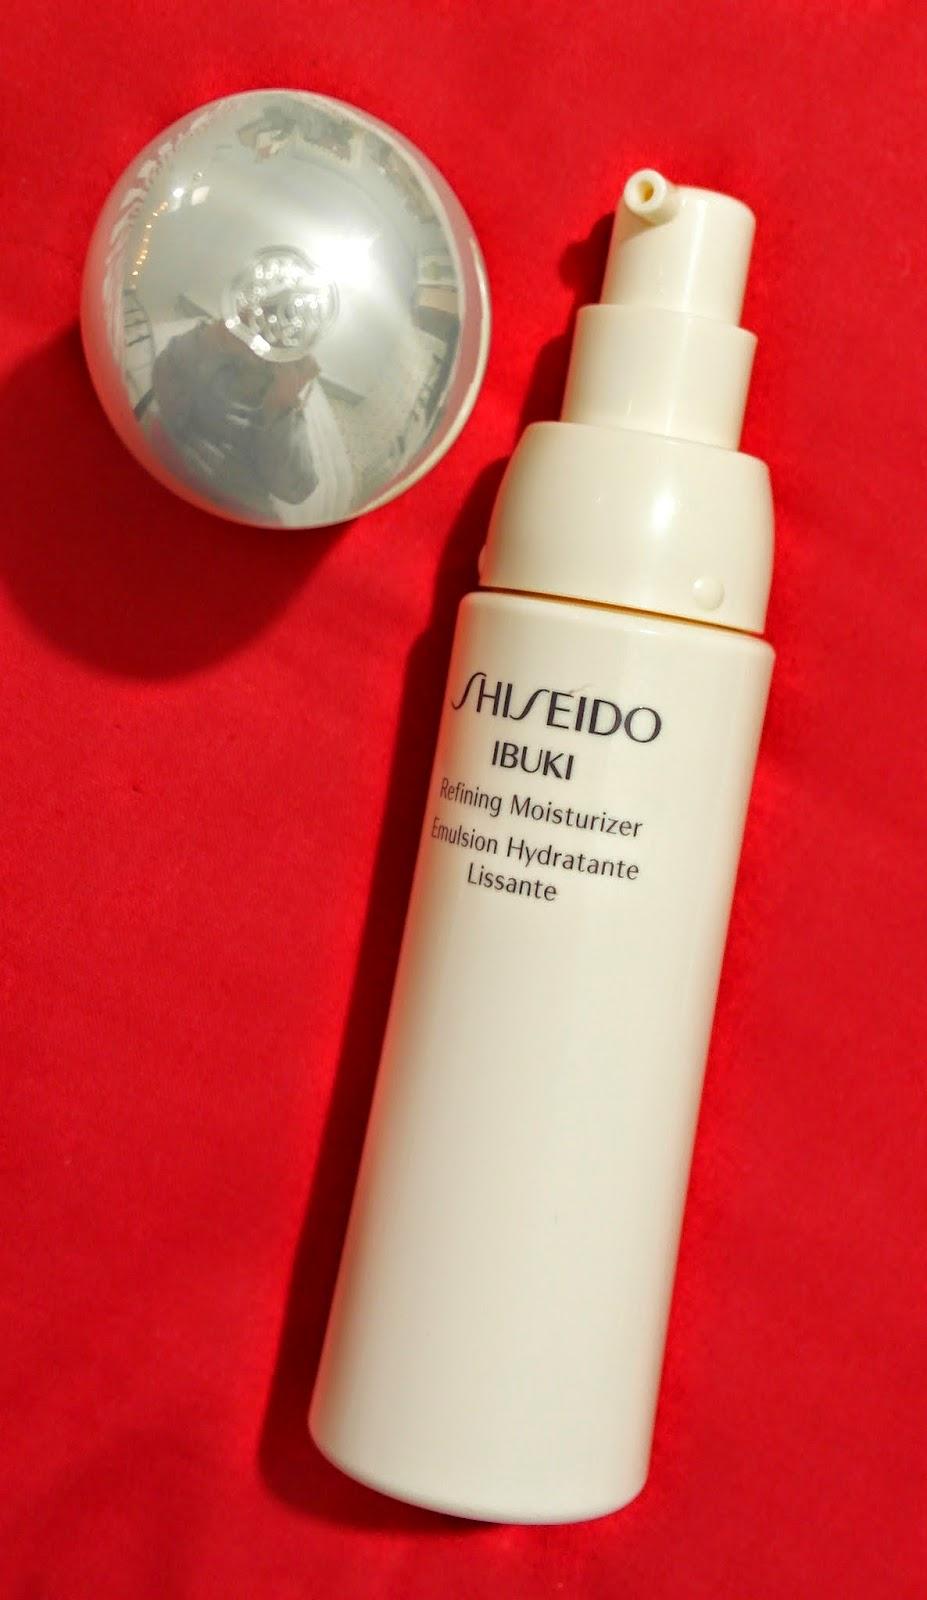 Shiseido IBUKI Refining Moisturizer / Yağlı Ciltler İçin Nemlendirici